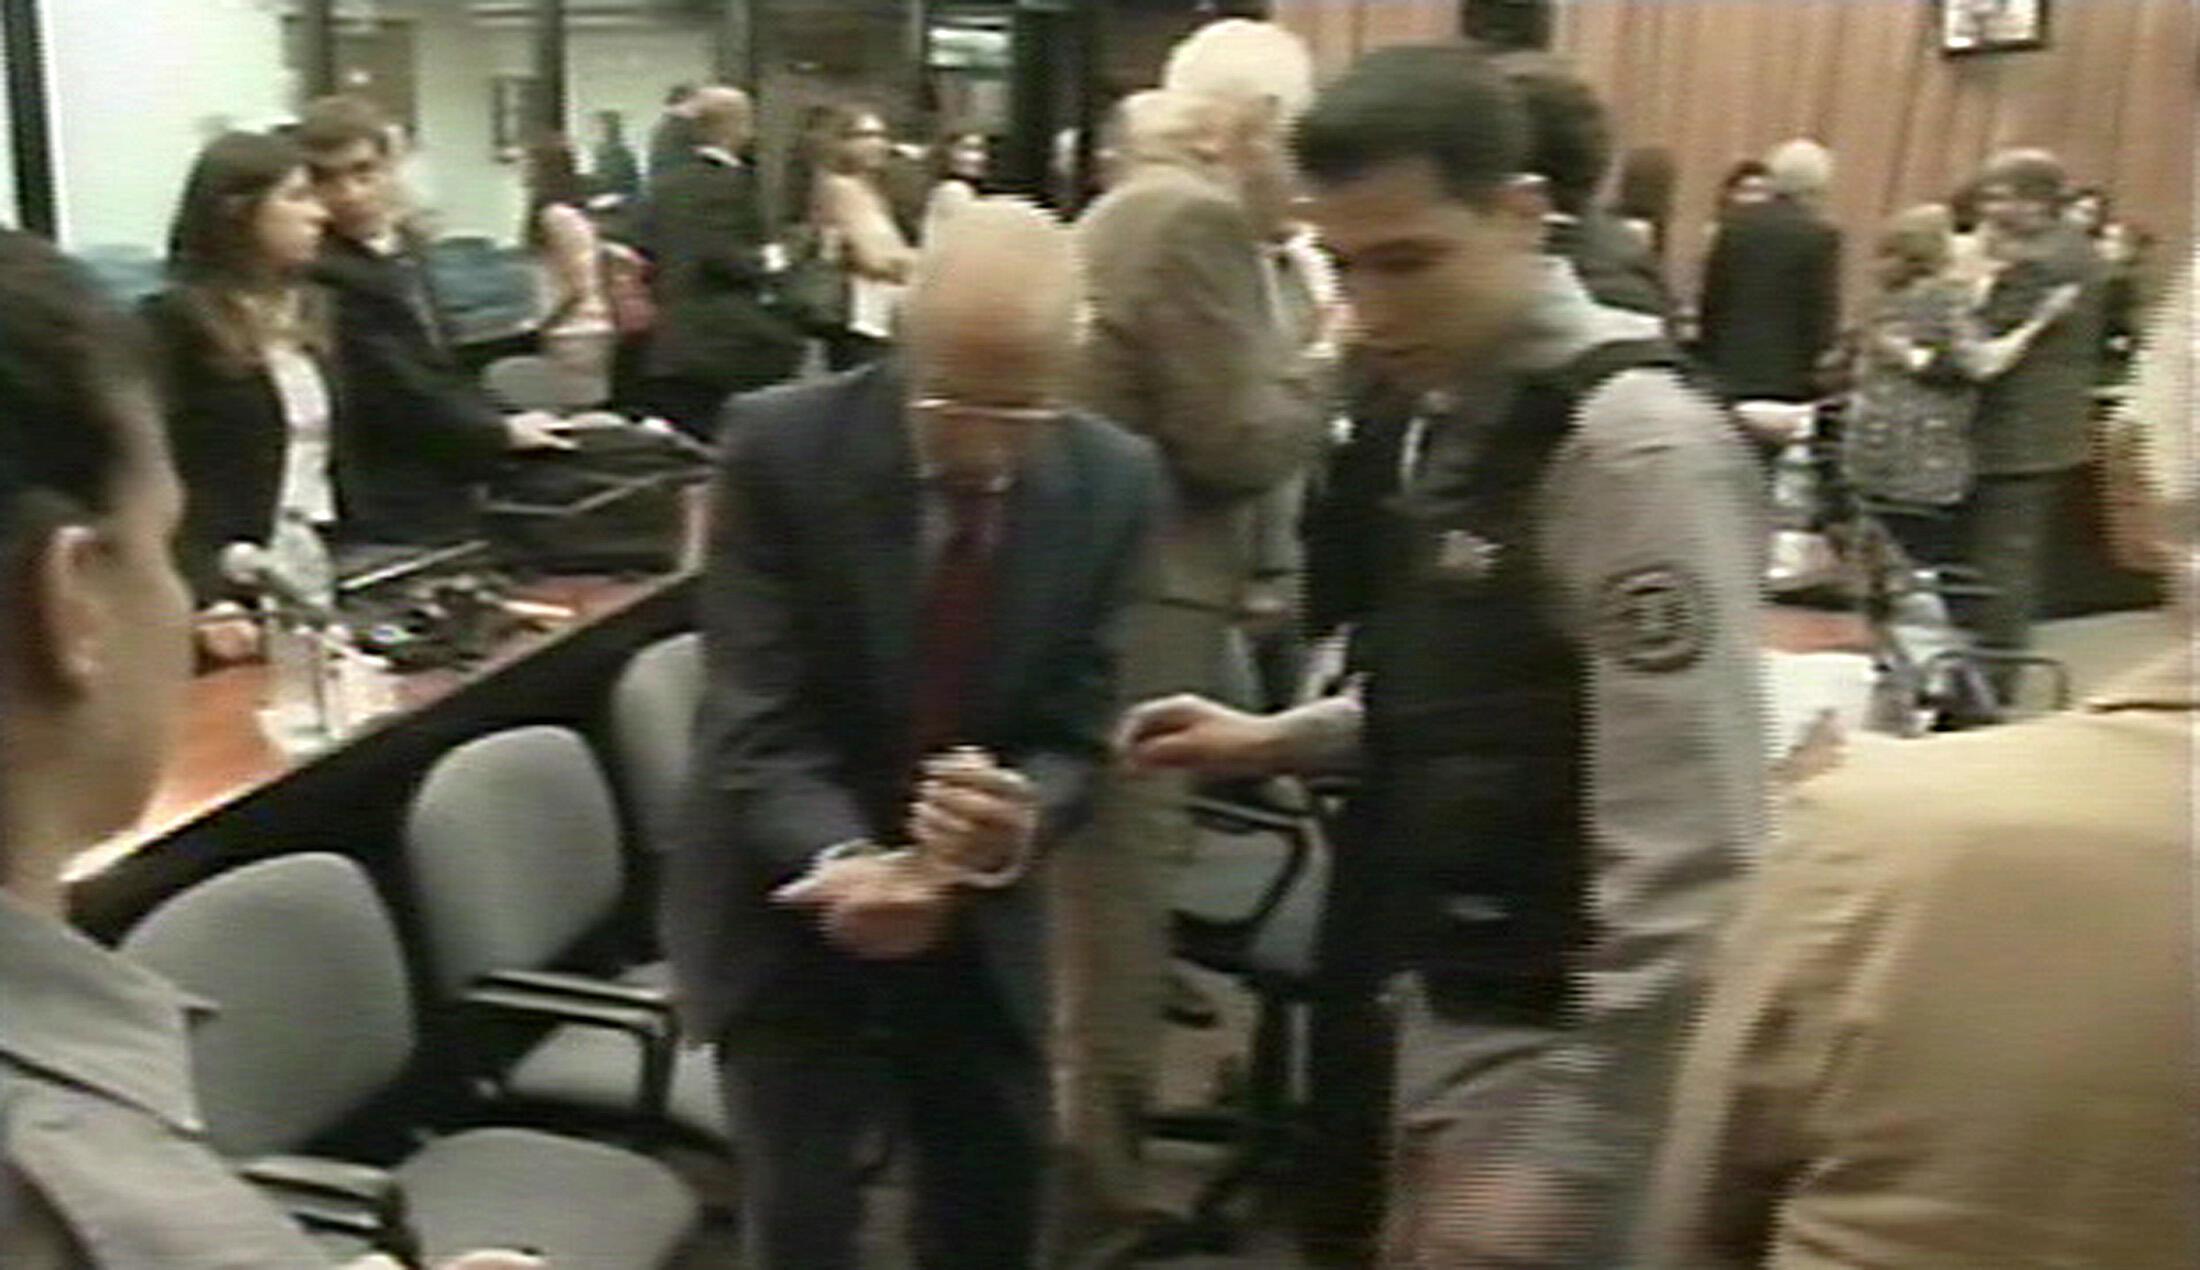 Além dos ex-ditadores Jorge Videla (foto) e Reinaldo Bignone, recebem sentença outros ex-chefes militares.